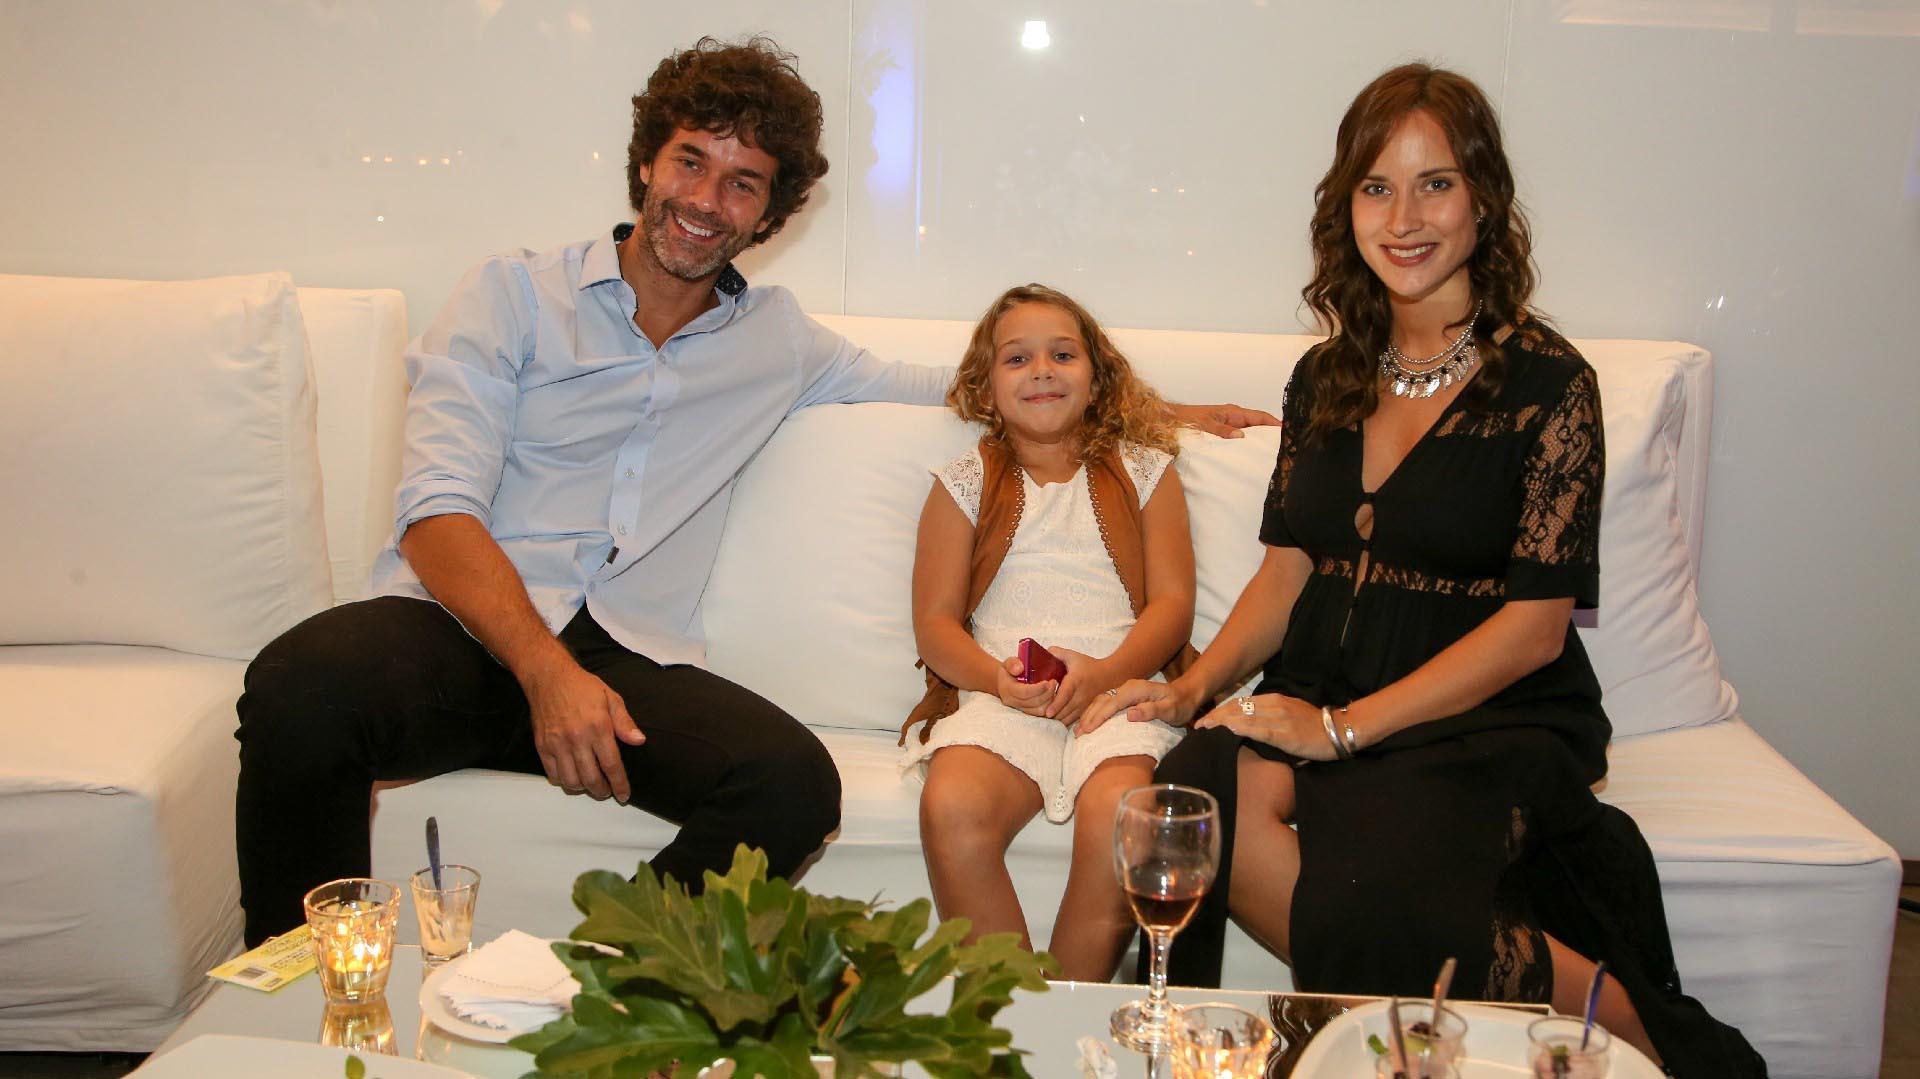 Mariano Martínez y su hija Olivia junto a su pareja Camila Cavallo